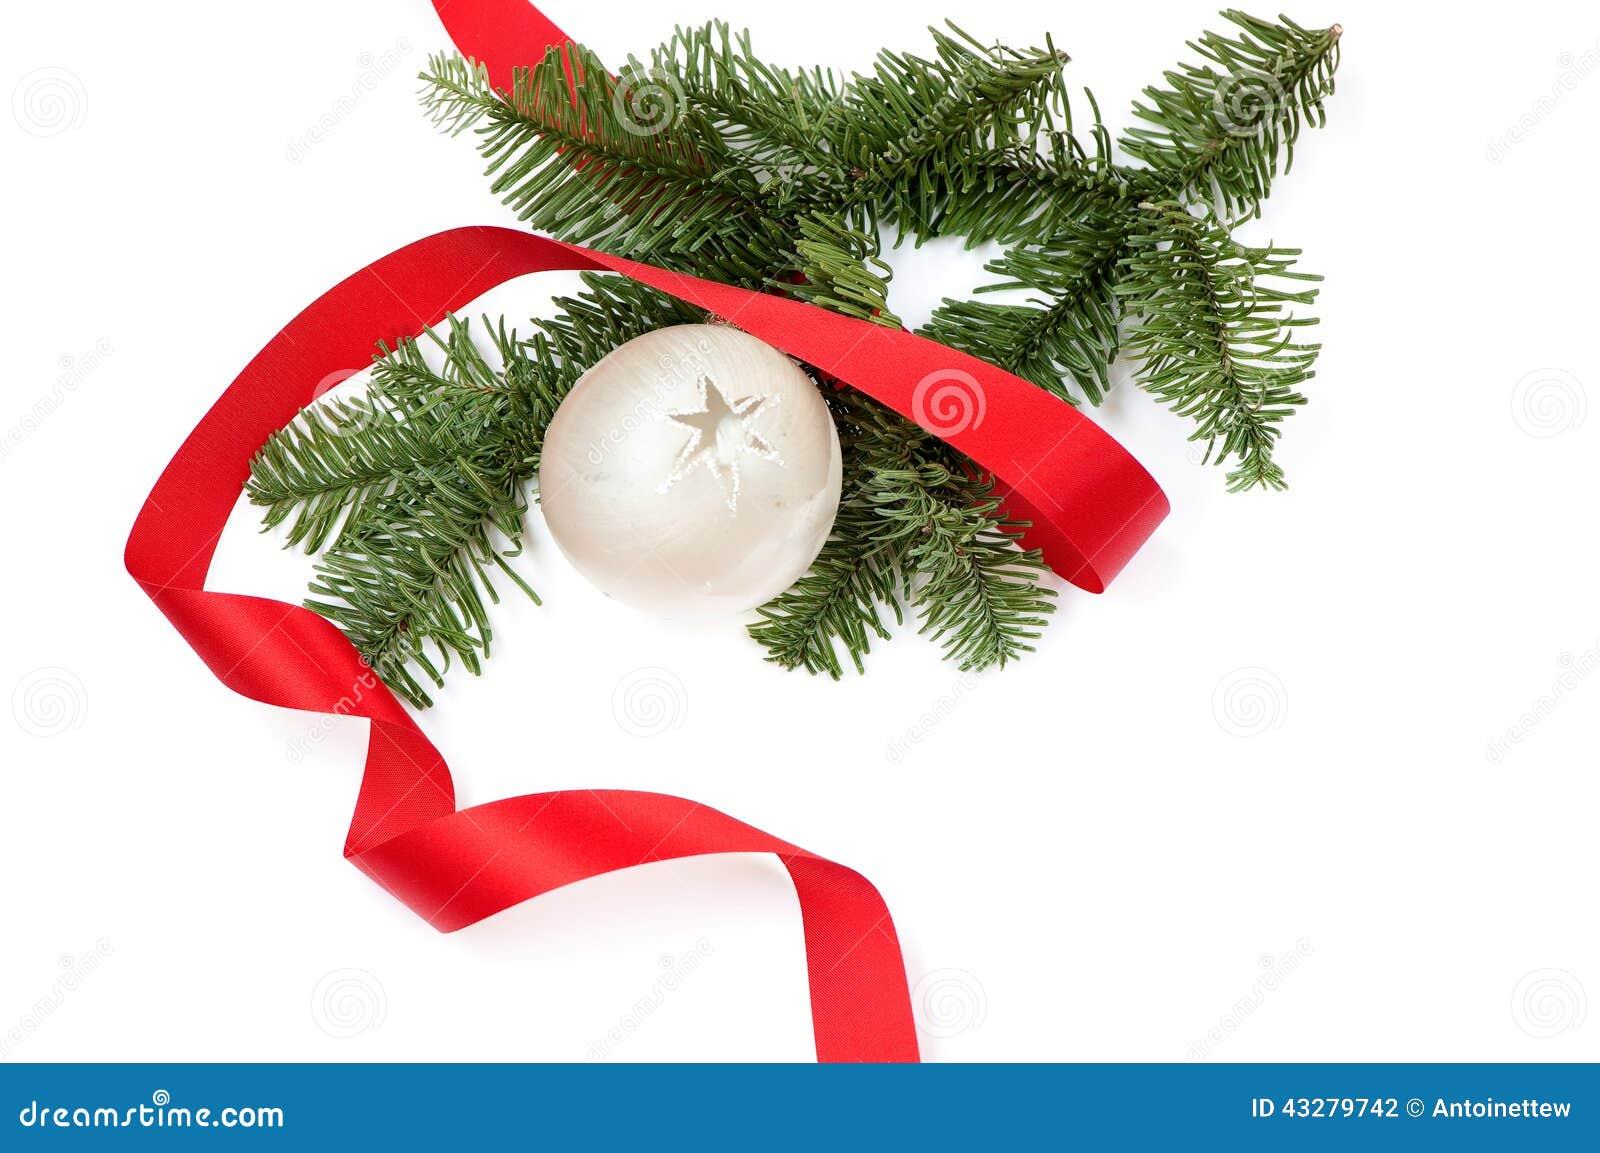 #BB101A Décoration De Noël Avec Le Ruban Et La Boule De Noël Blanc  5335 décorations de noel avec ruban 1300x953 px @ aertt.com